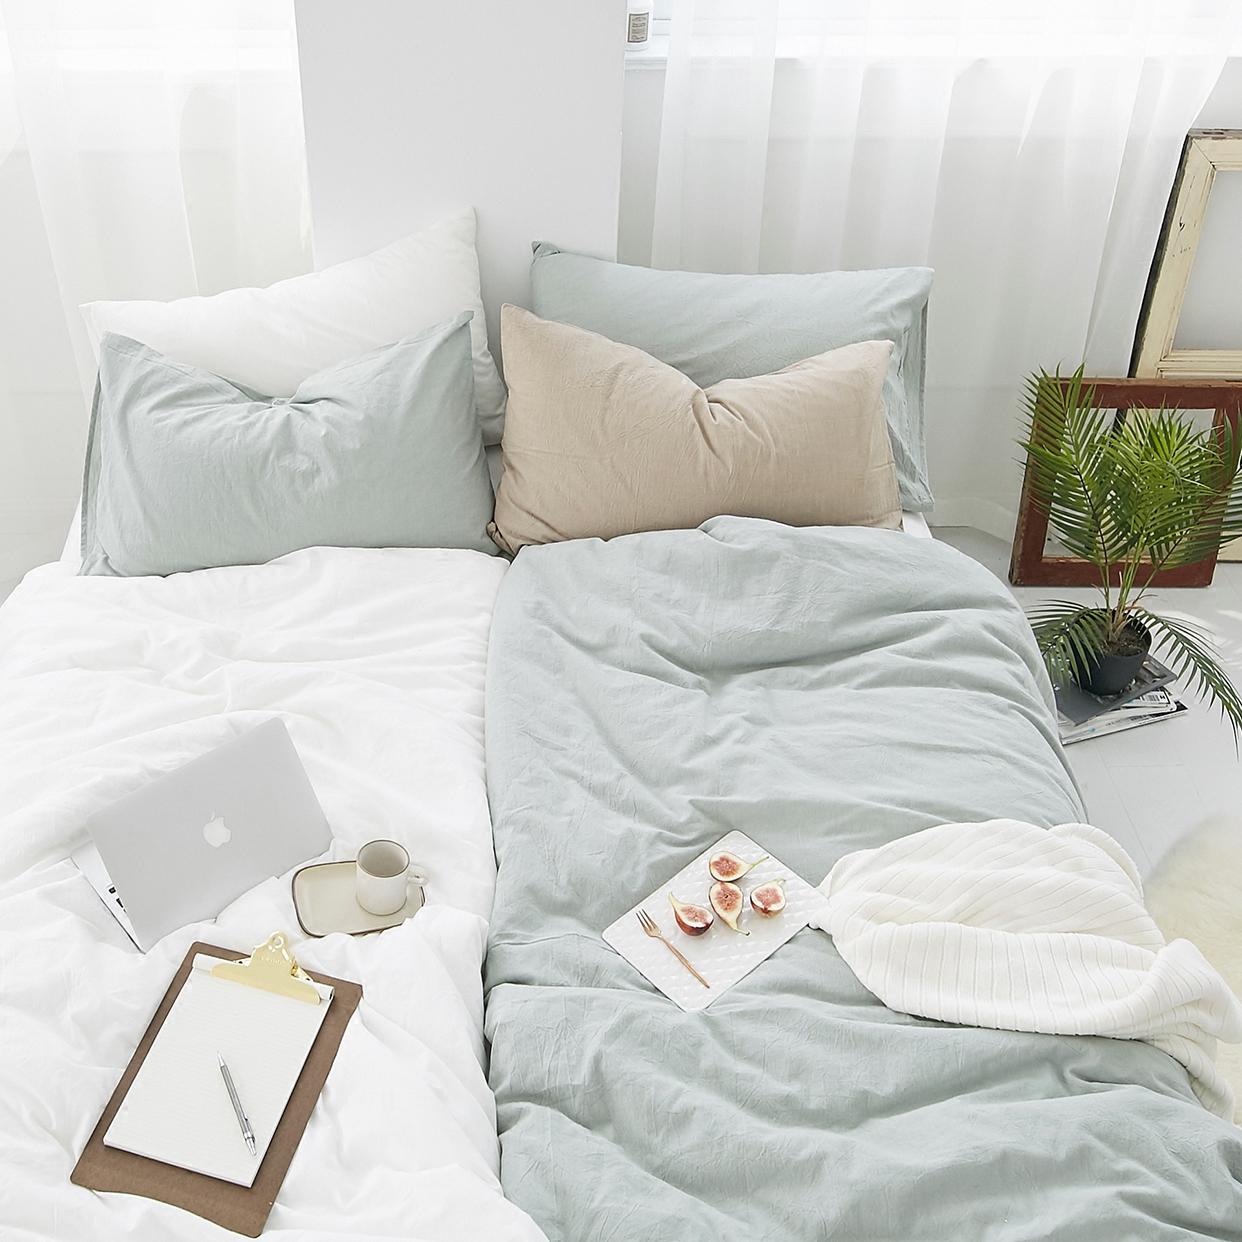 Nhật bản- phong cách màu rắn rửa bông bông bốn mảnh mùa xuân và mùa thu quilt cover tờ giường, cũng nhỏ nhà bông đơn giản giường